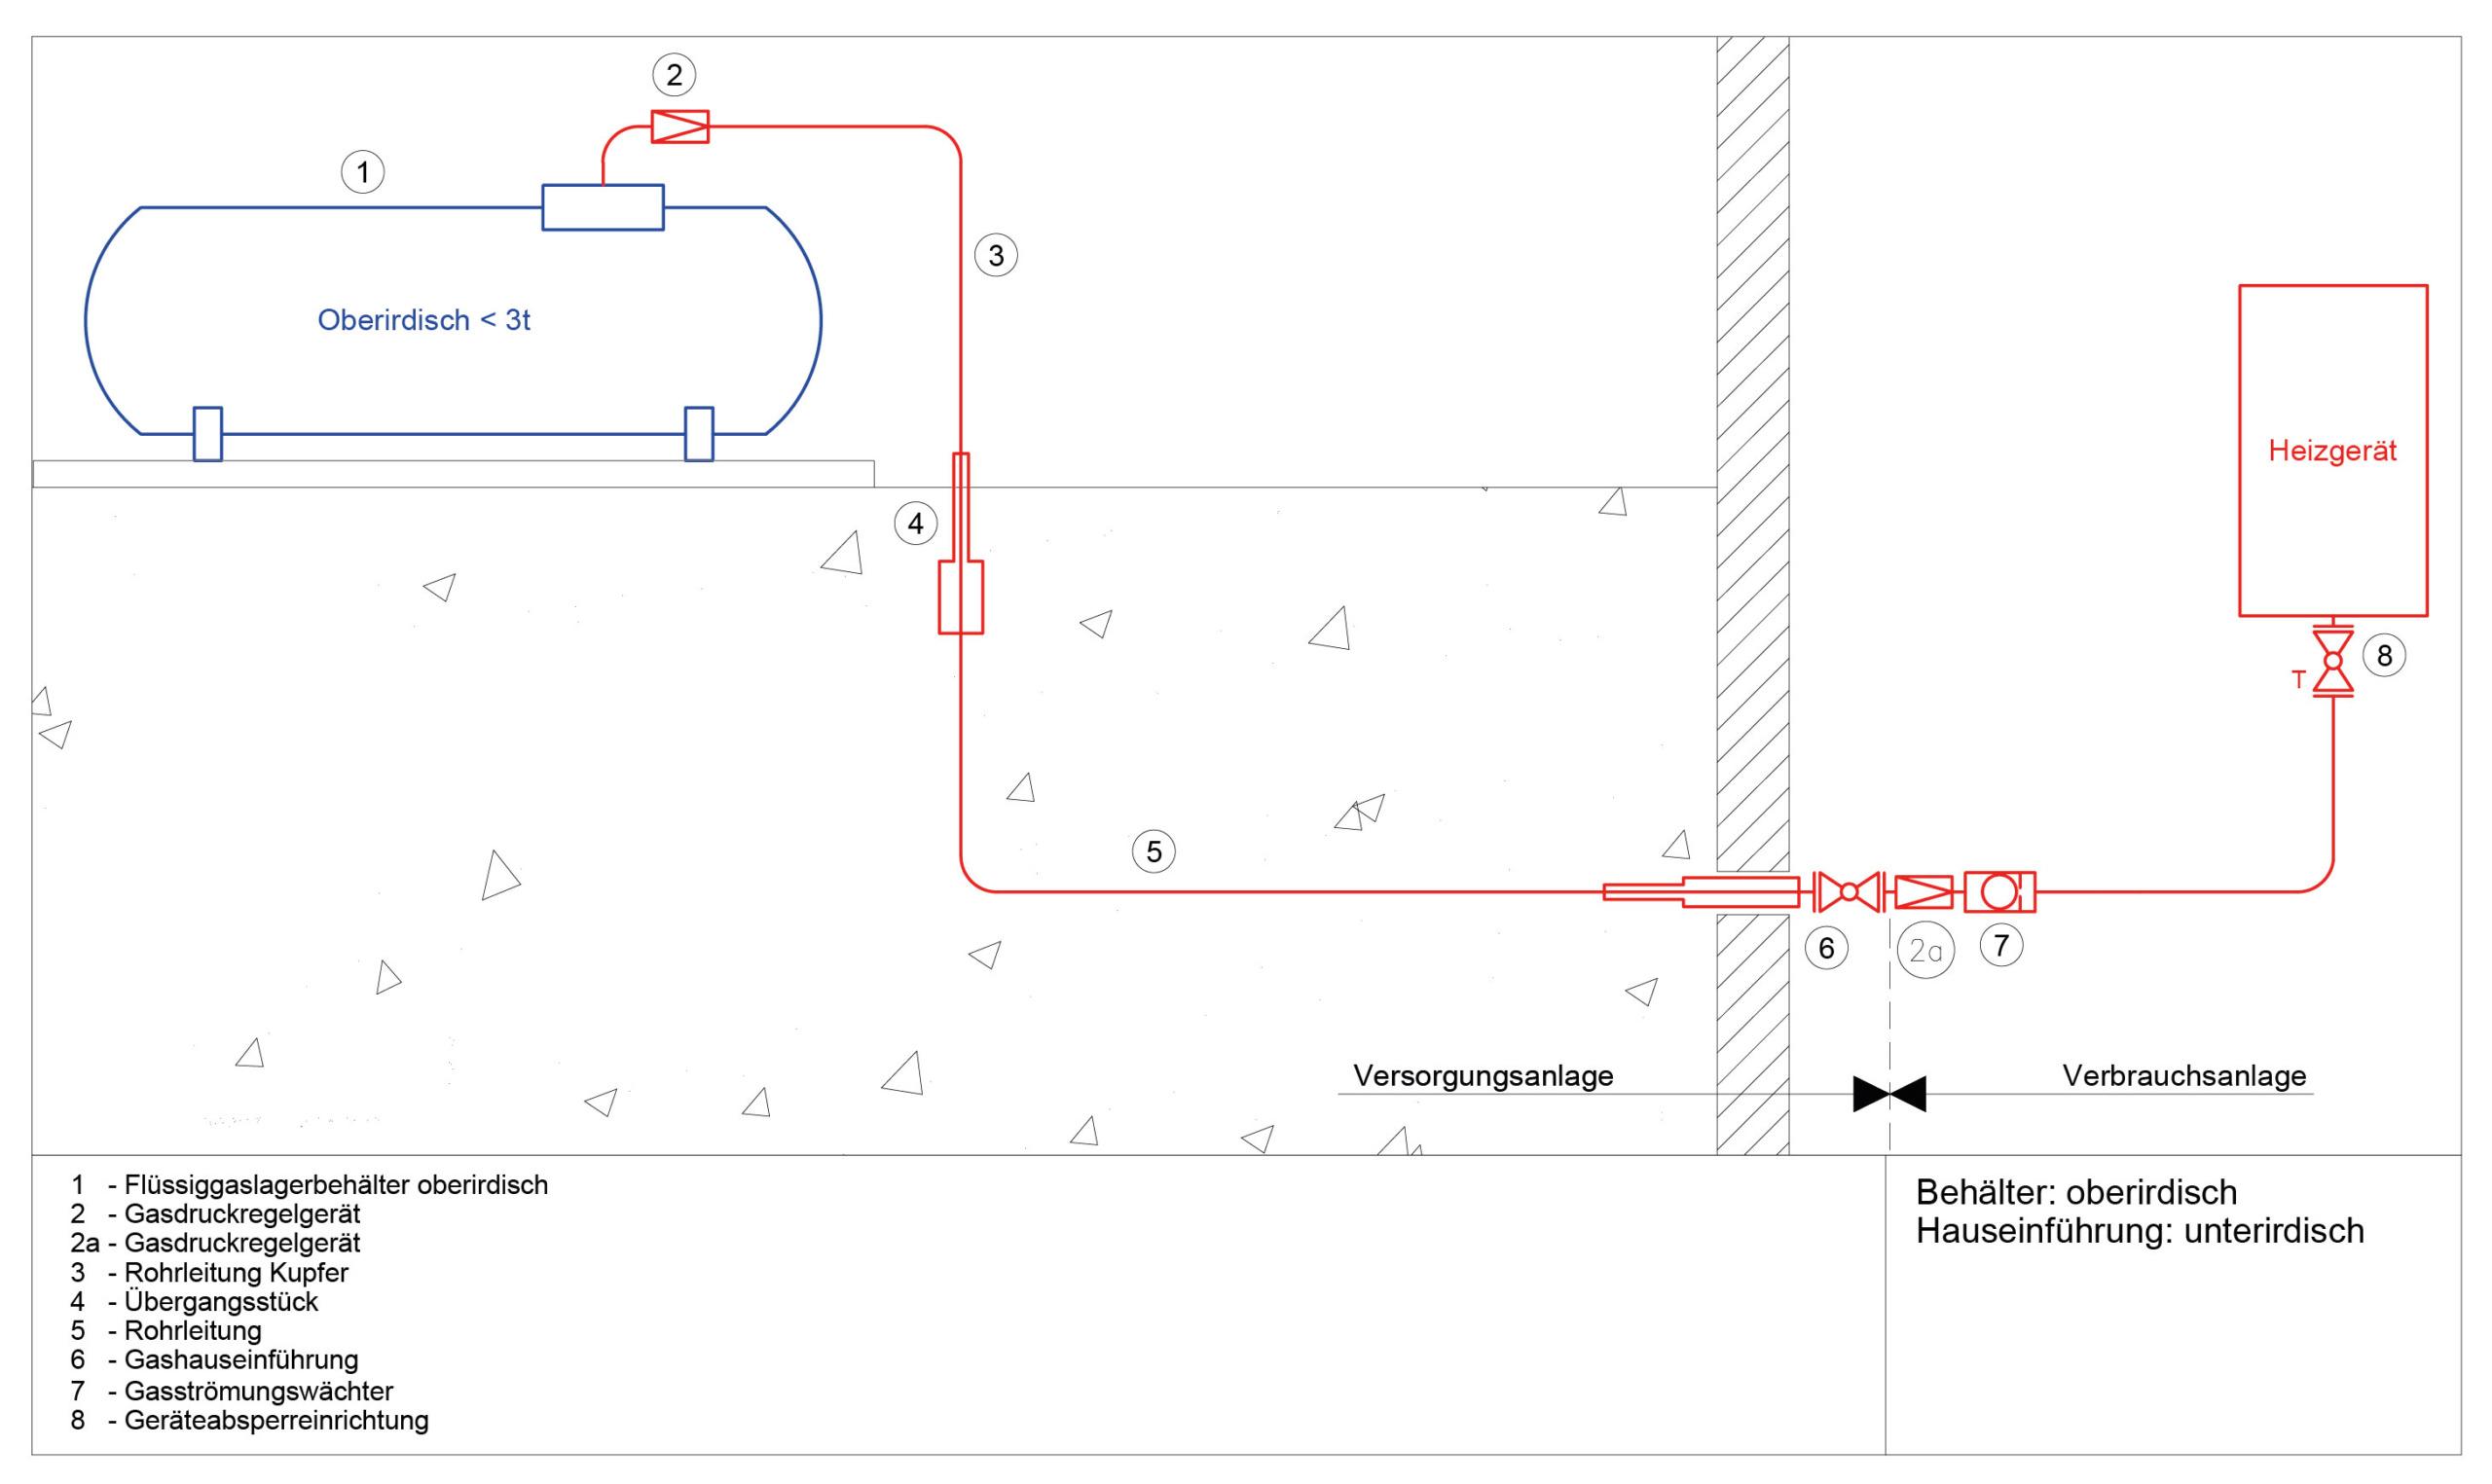 Schematische Darstellung: Flüssiggasanlage mit oberirdischem Flüssiggas-Tank, Rohrleitungen, Hauseinführung, Gasströmungswächter, Geräteabsperreinrichtung und Heizgerät.